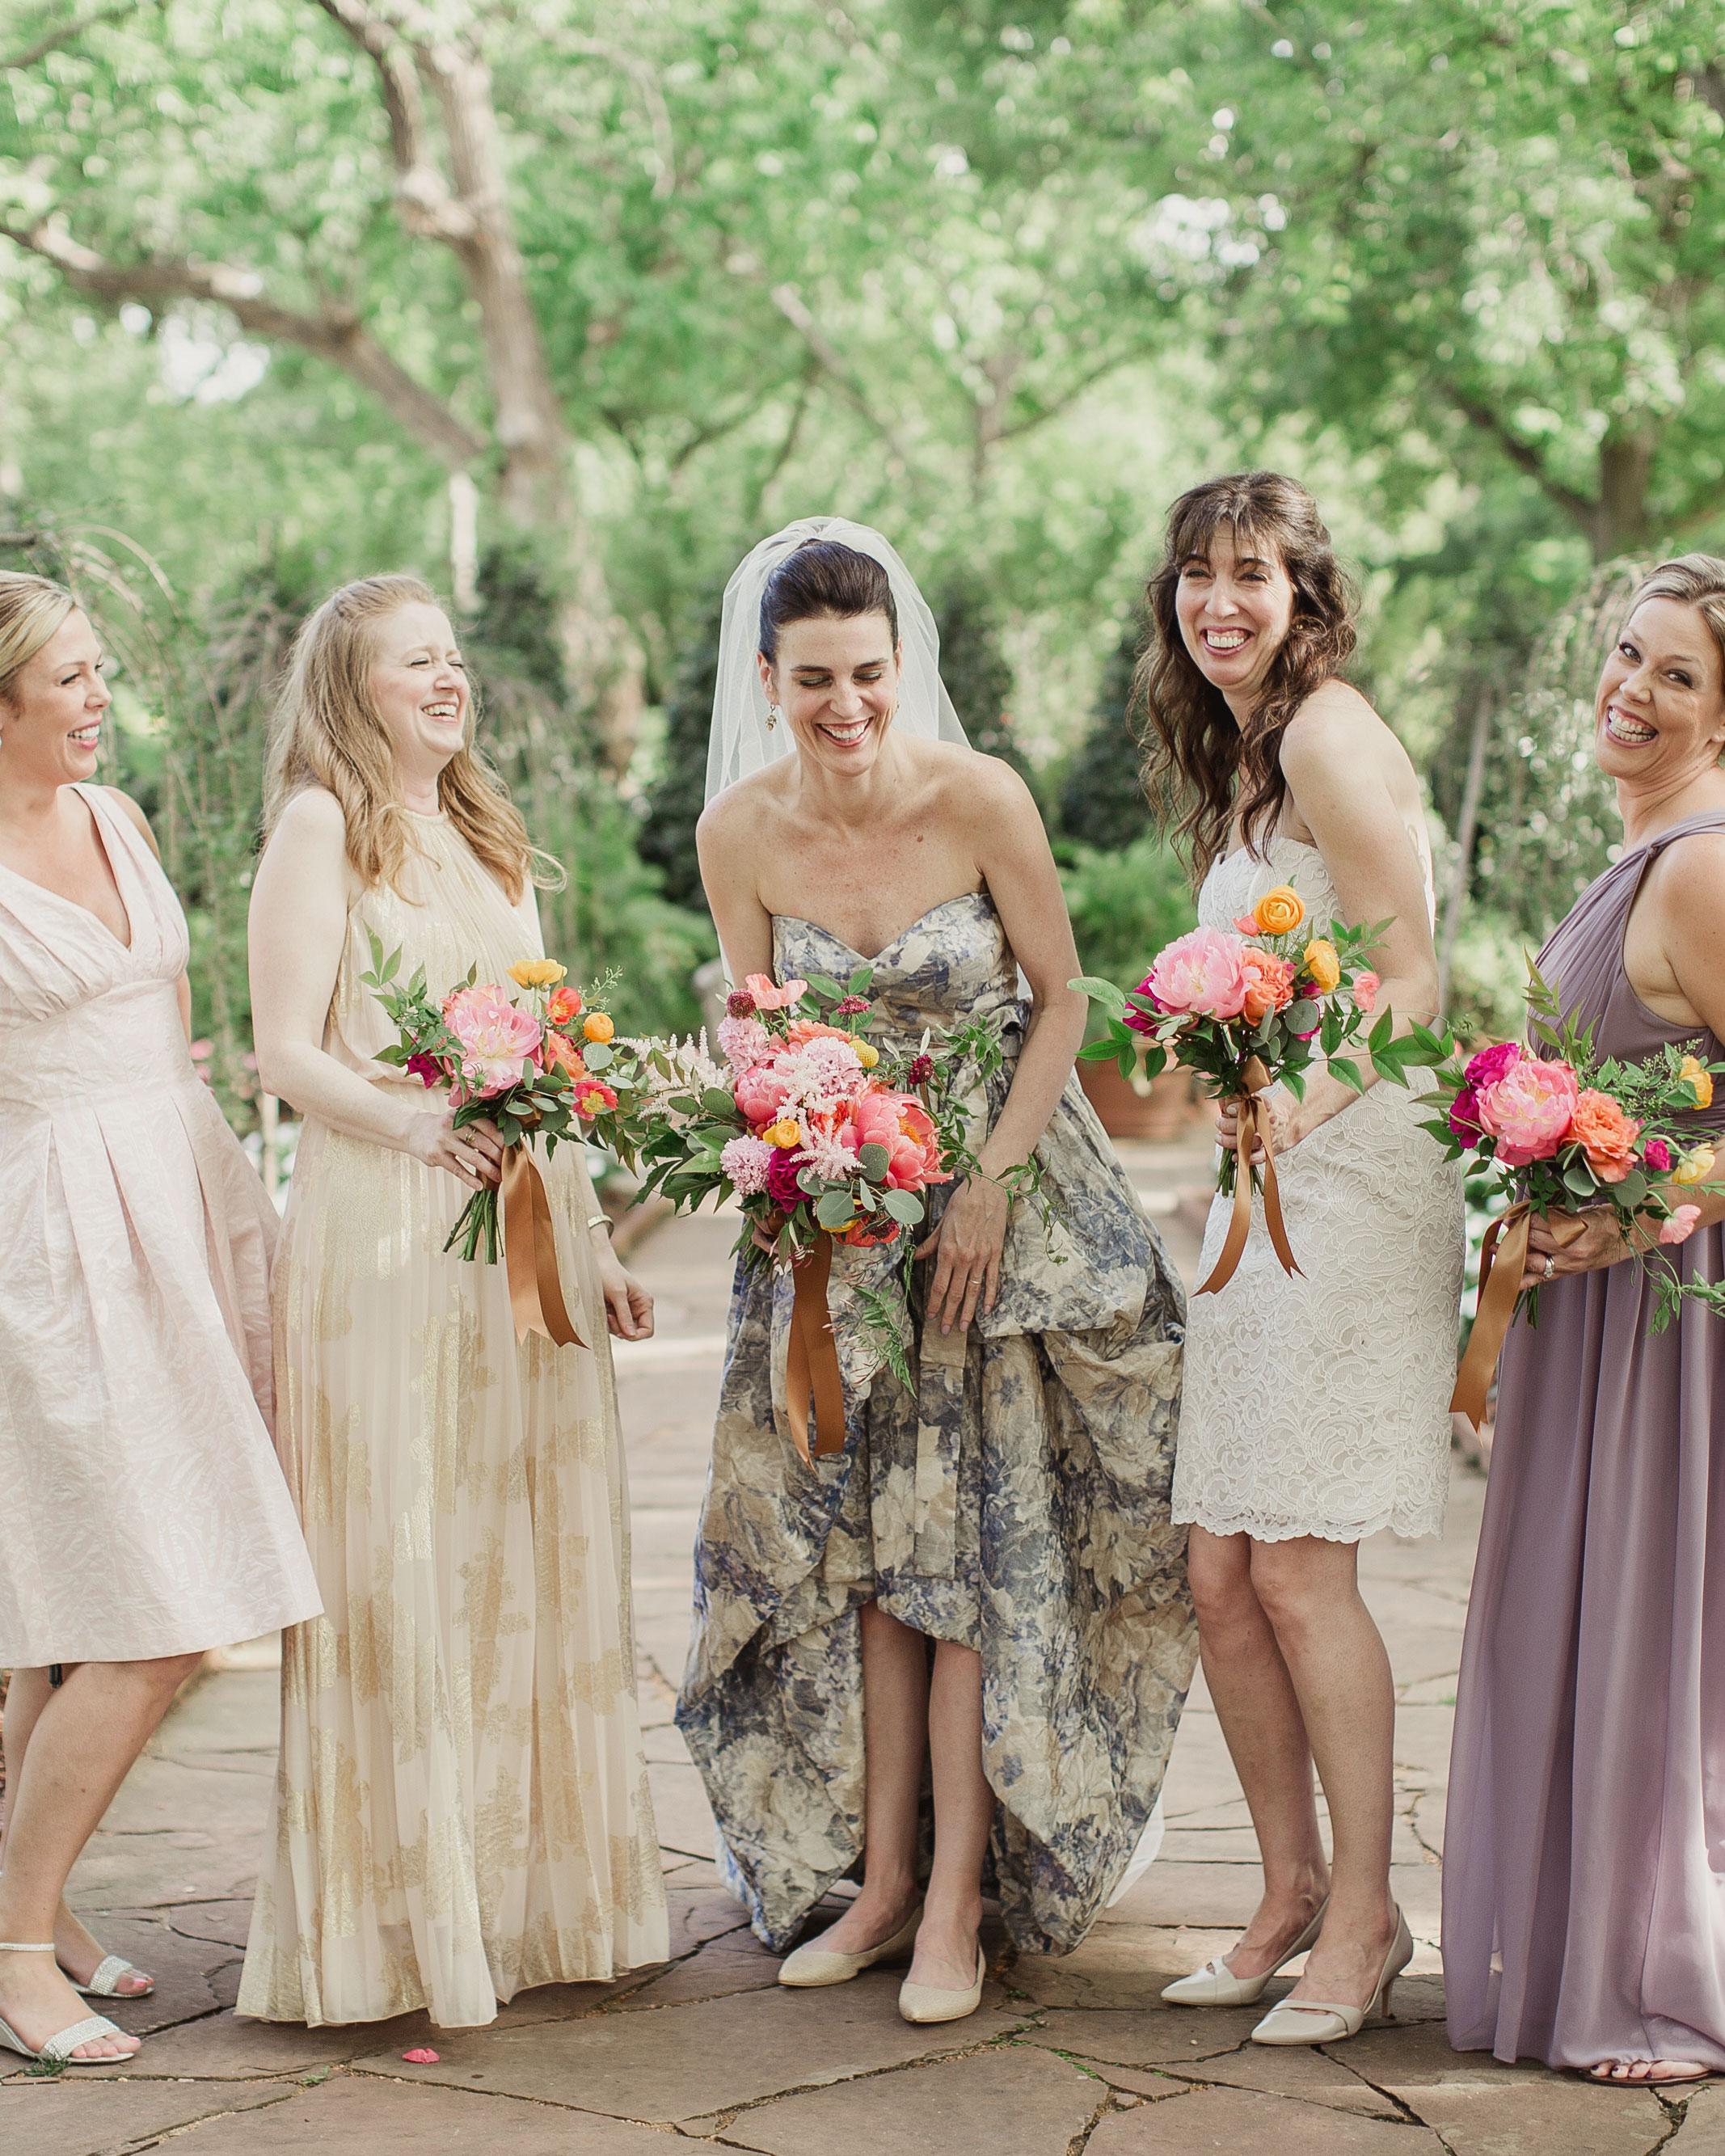 tara-dan-wedding-texas-bridesmaids-012-s112848.jpg